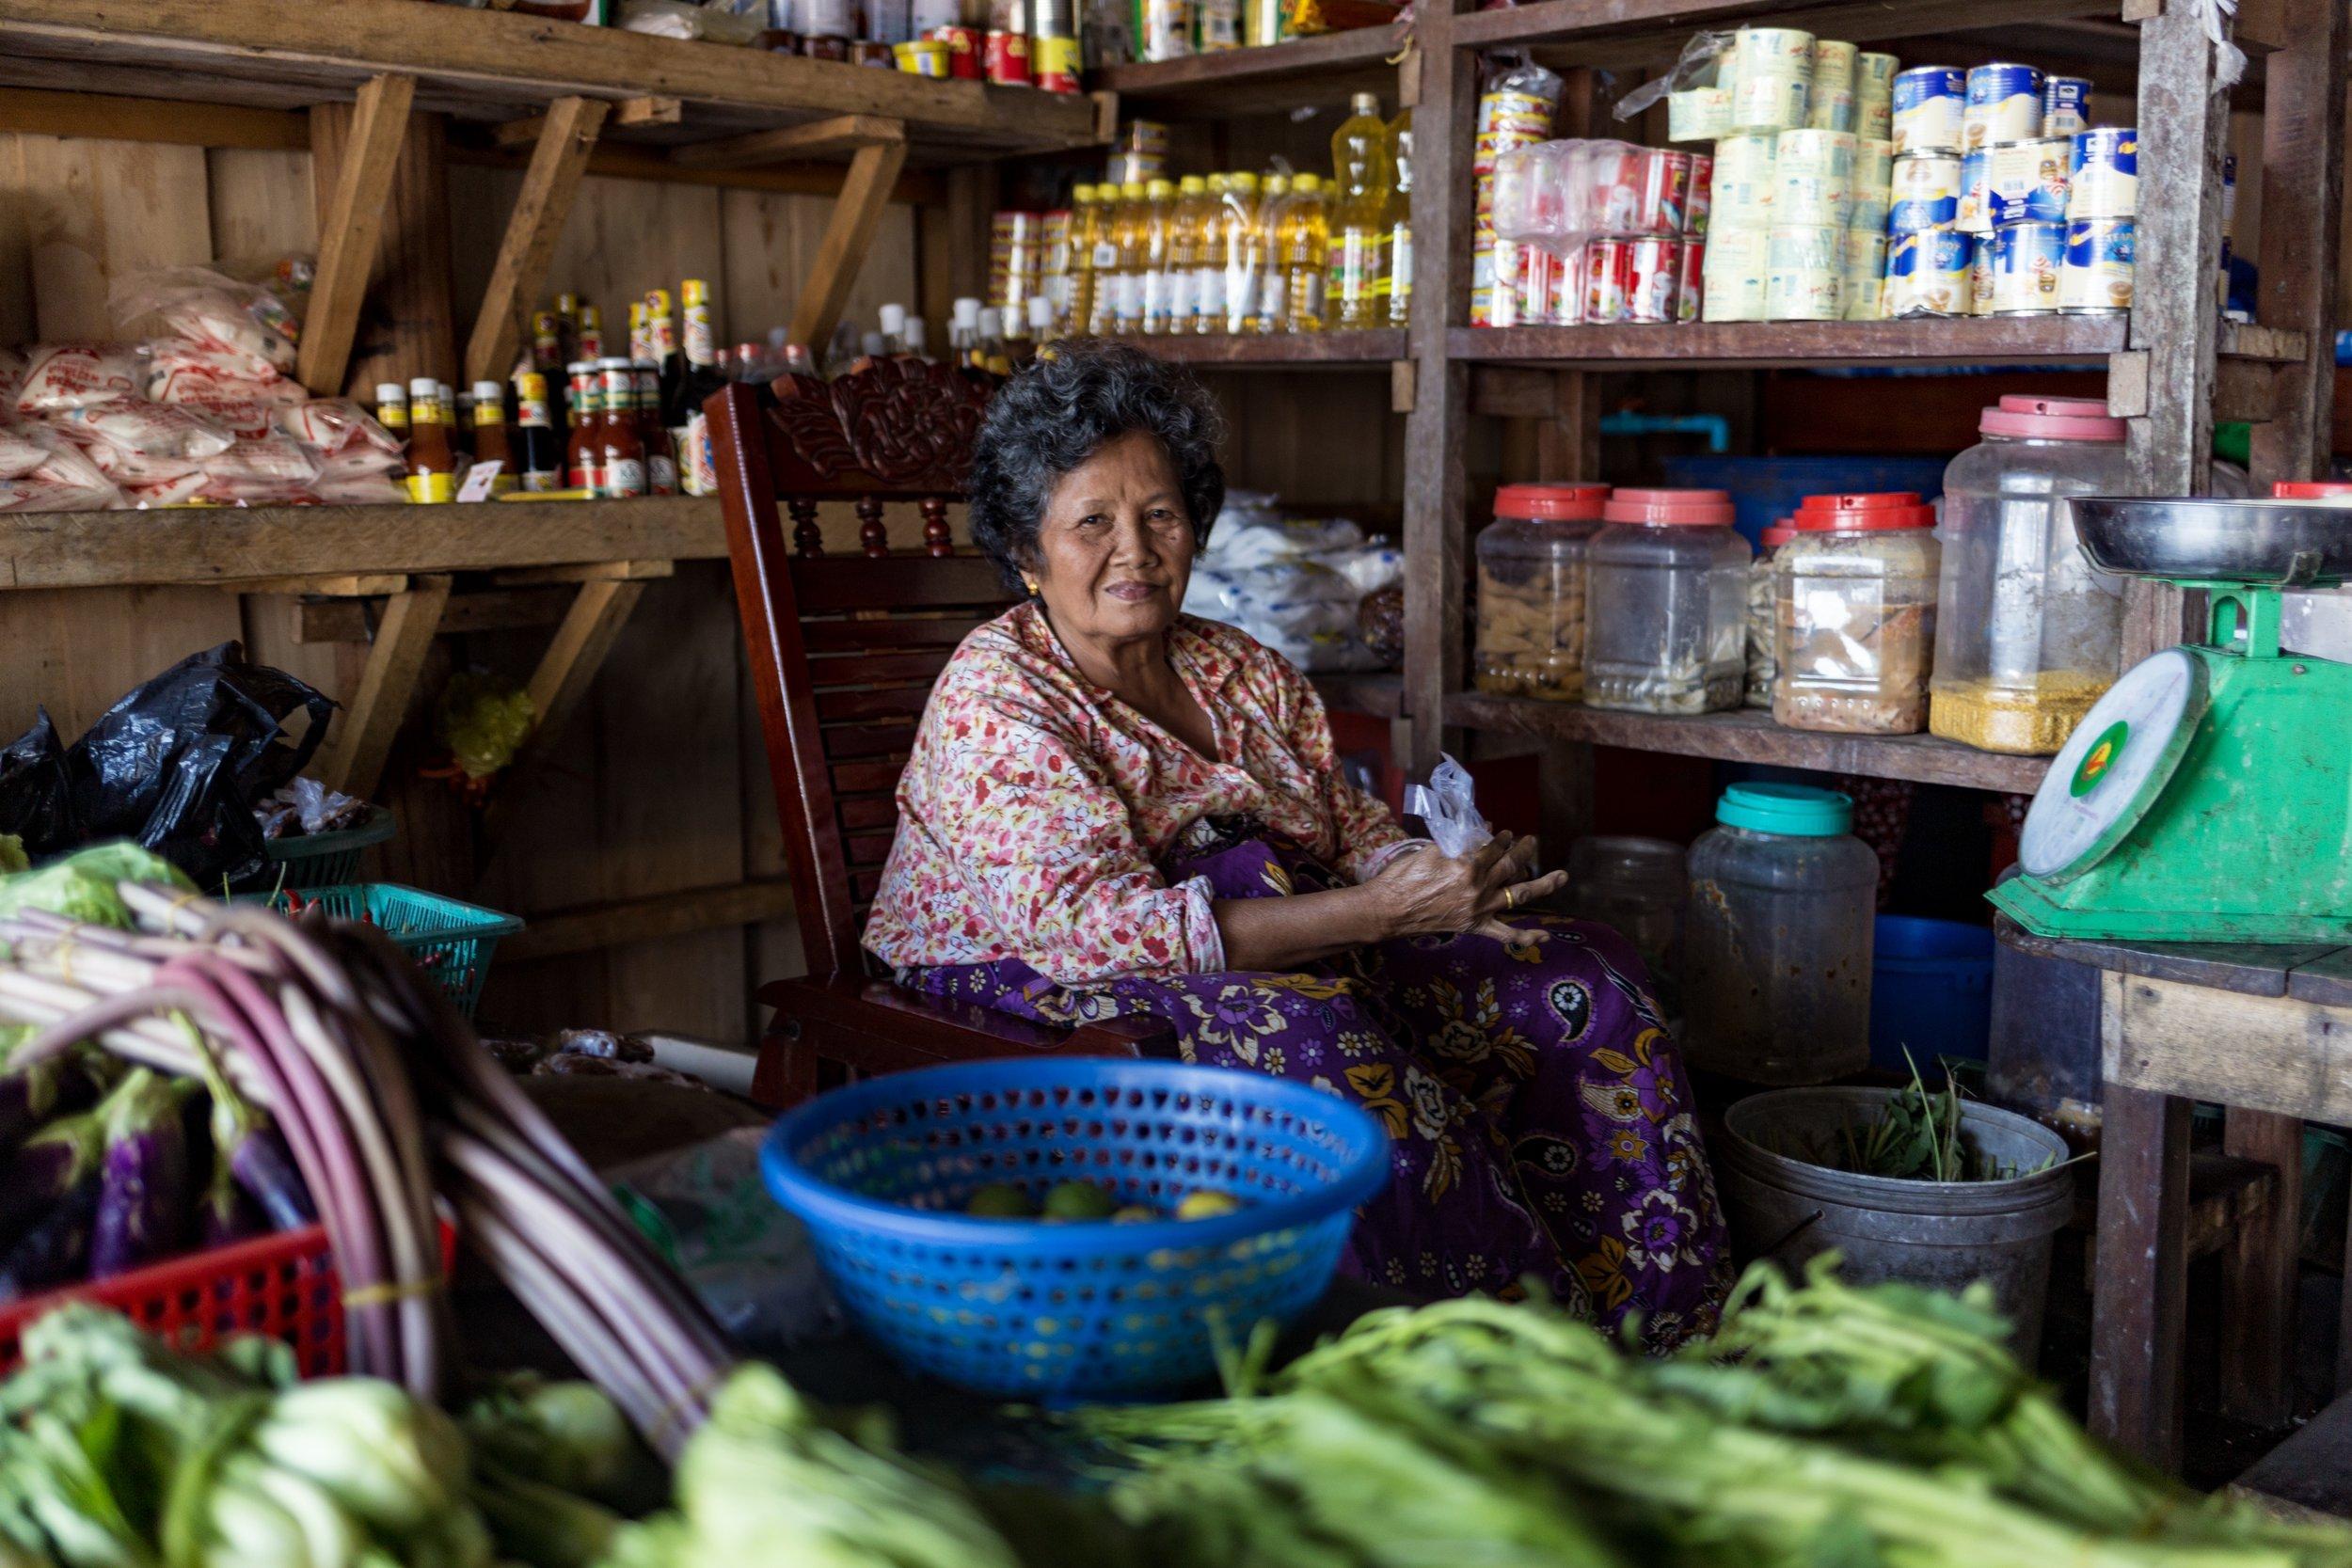 Greengrocer, Koh Rong - December 2017